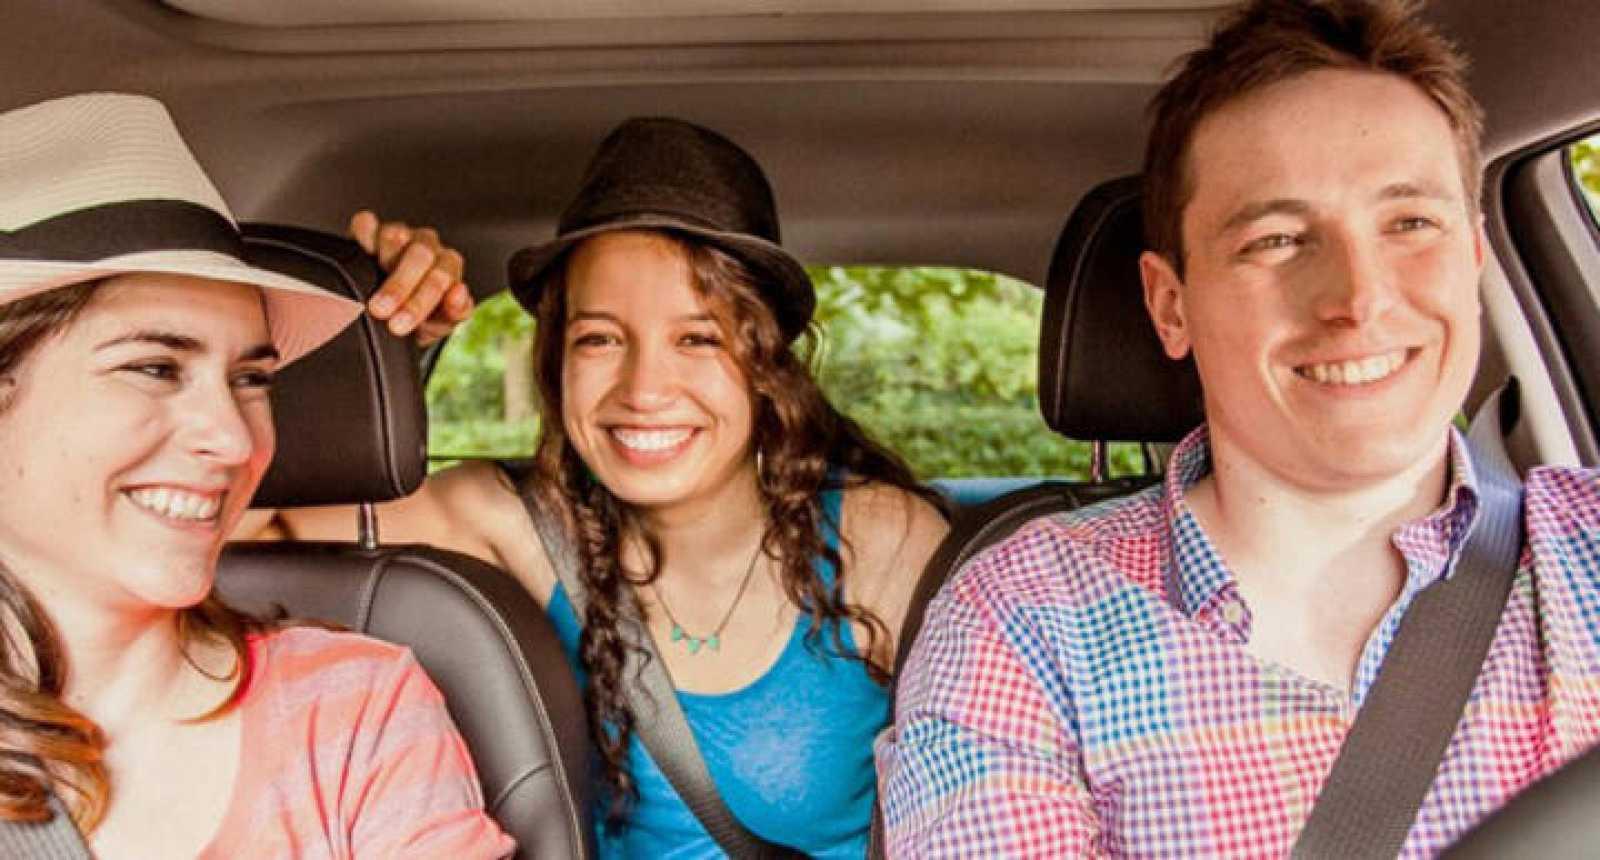 Un grupo de desconocidos comparte los gastos de un trayecto en coche.